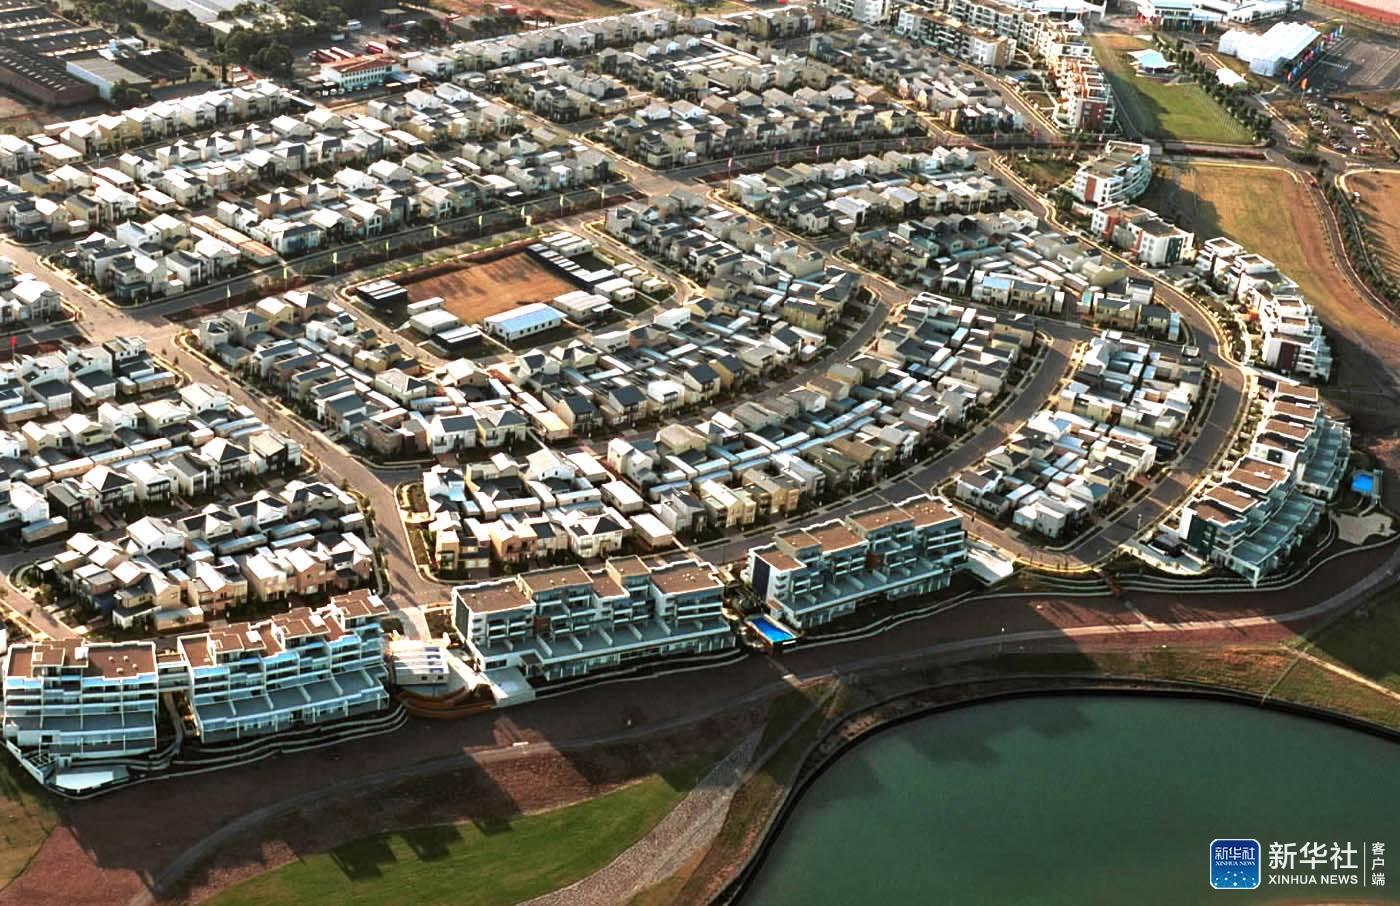 2000年9月12日 ,俯瞰悉尼奥运村,奥运村占地94公顷,可接待10800名运动员和这是奥运村北端建筑群。 新华社记者戚恒摄